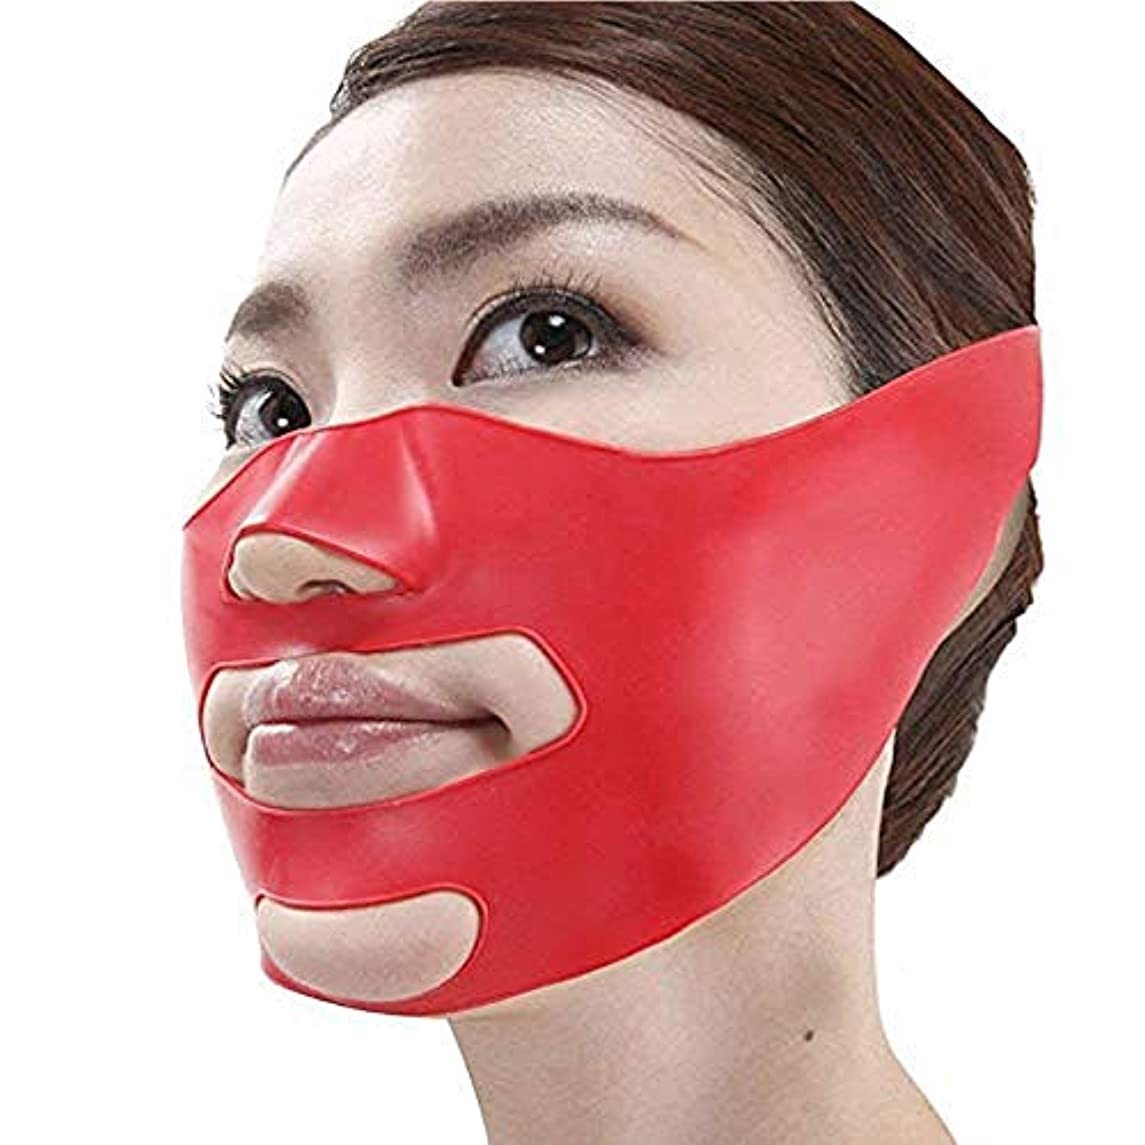 酔った無意味社会主義Lindexs 小顔矯正 マスク 小顔補正ベルト ほうれい線 3Dエクササイズマスク リフトスリムマスク 抗シワ サウナマスク 法令線予防 美容グッ (フリーサイズ)